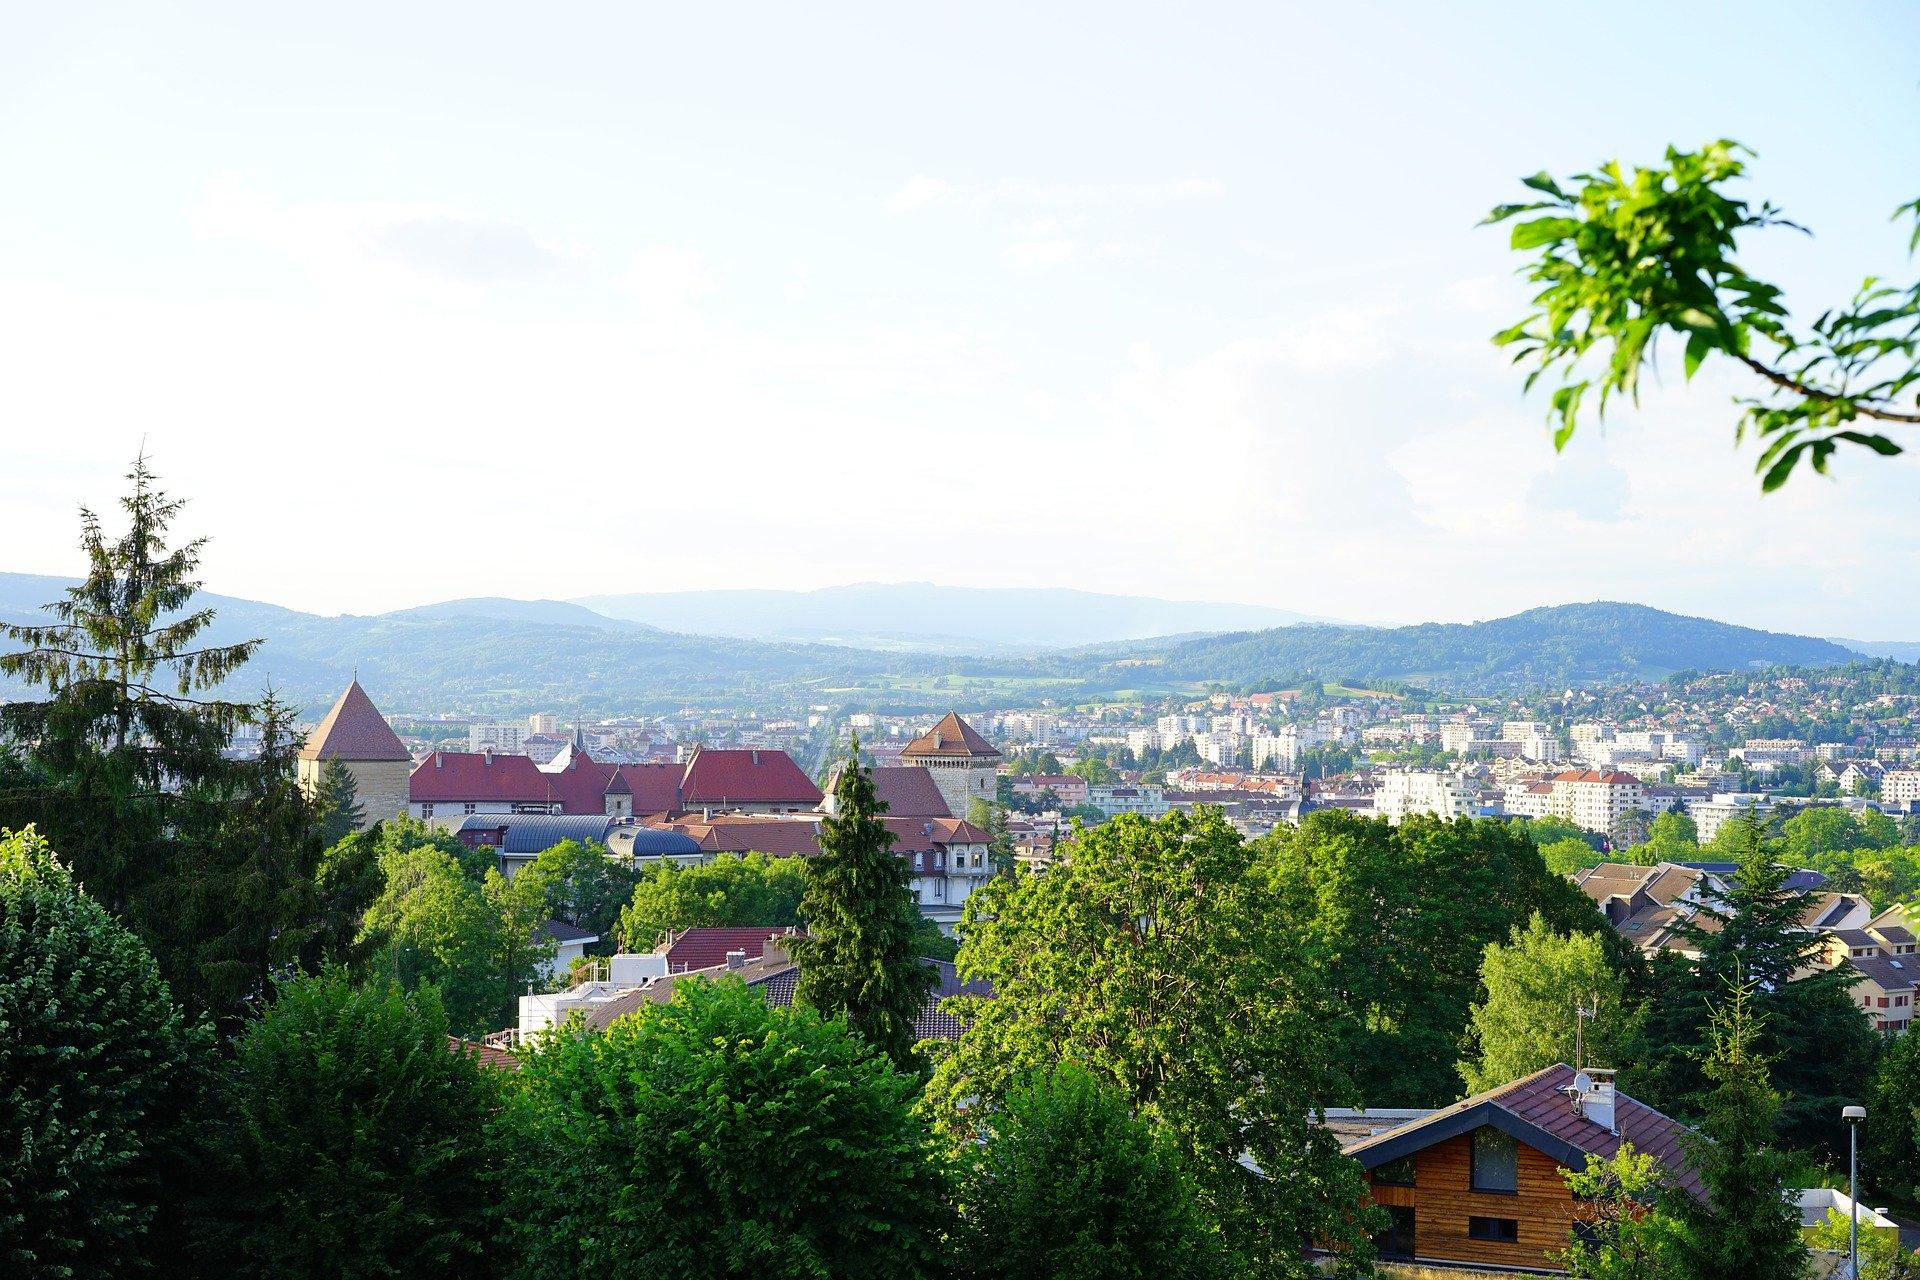 Grand Genève en France voisine, Annecy le vieux